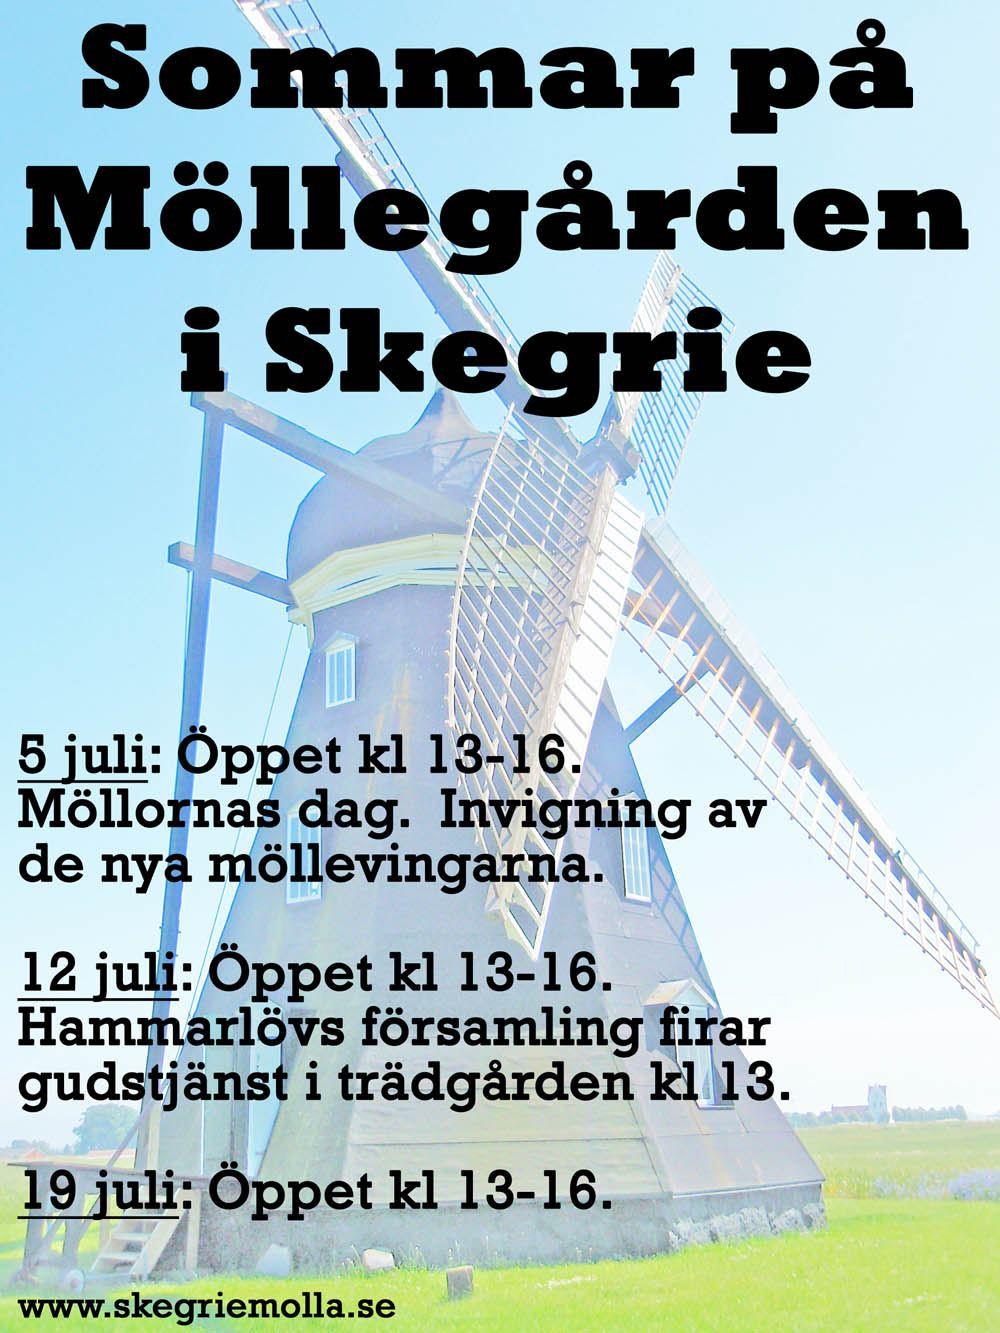 Skytts Härads Hembygdsförening, Sommar på Möllegården i Skegrie. Affisch.